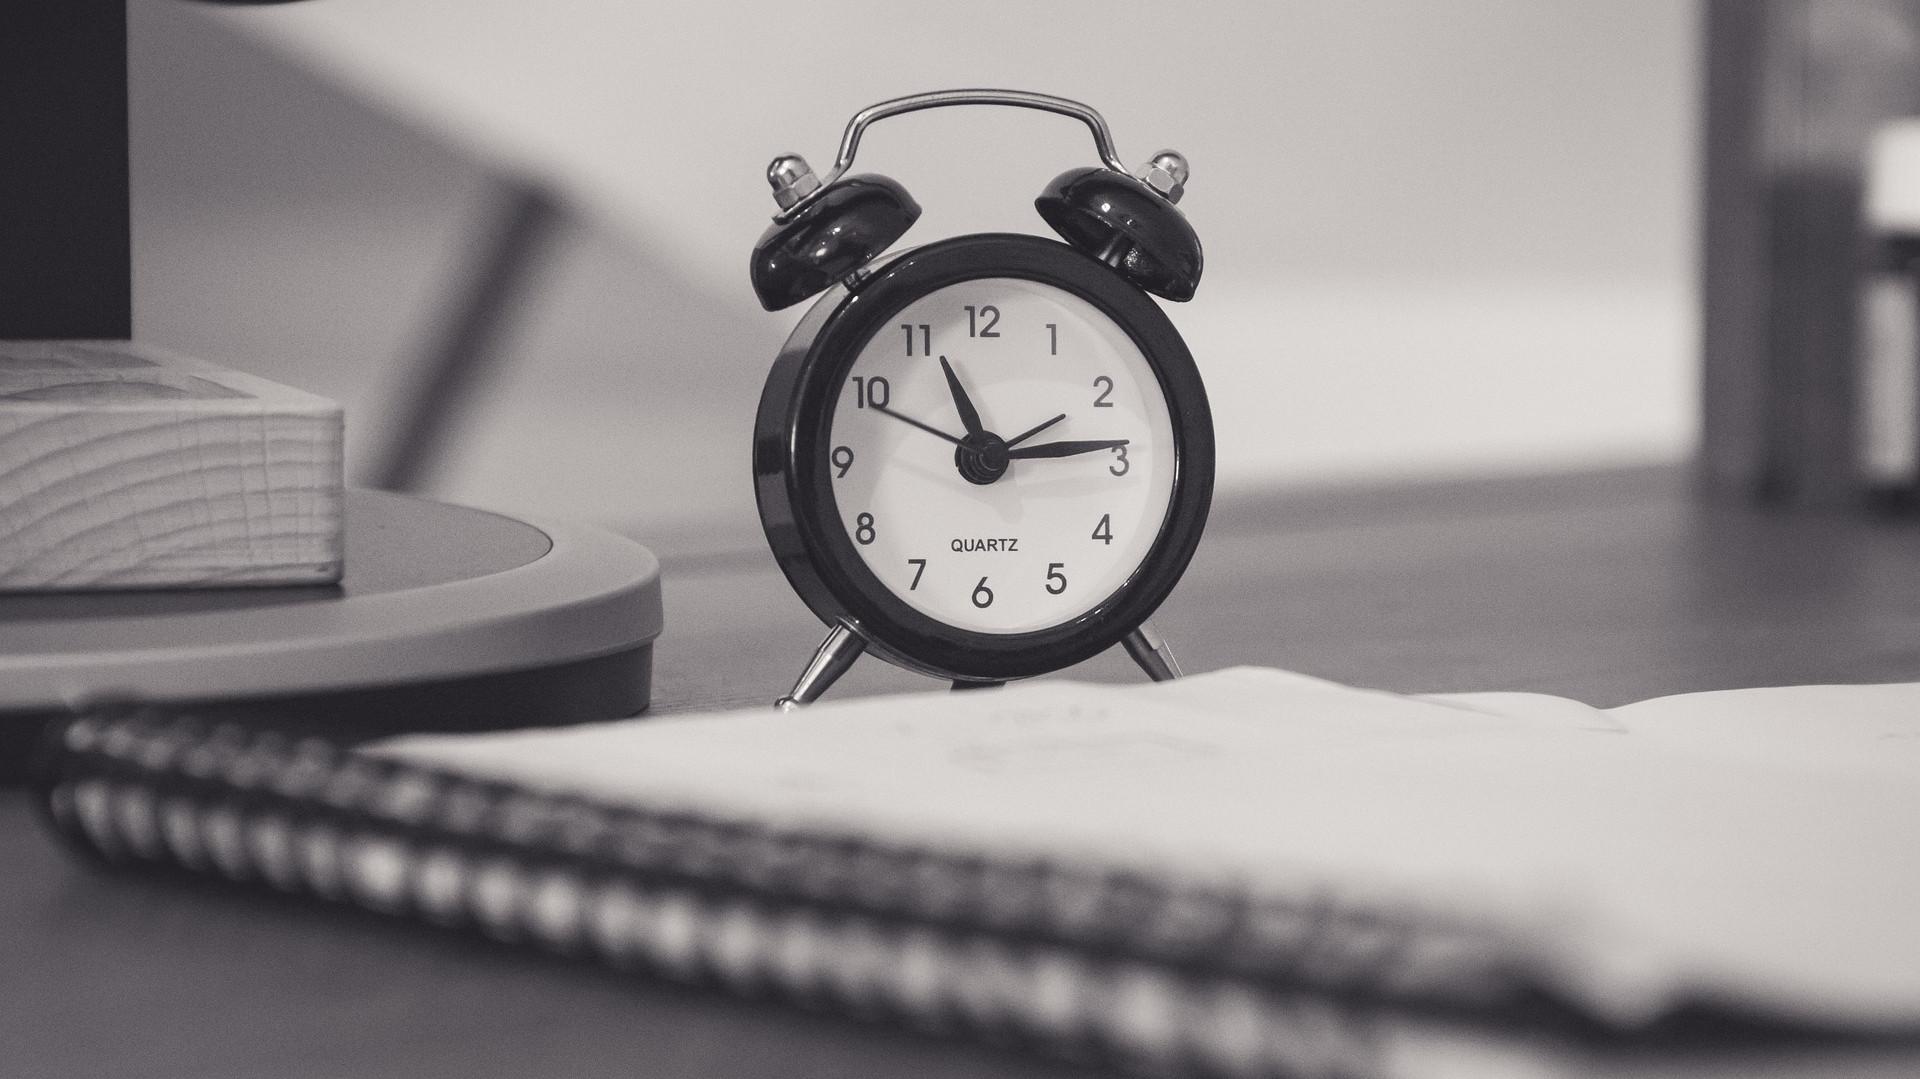 SAP-Personalchef sieht Spielraum bei Umsetzung des Arbeitszeit-Urteils